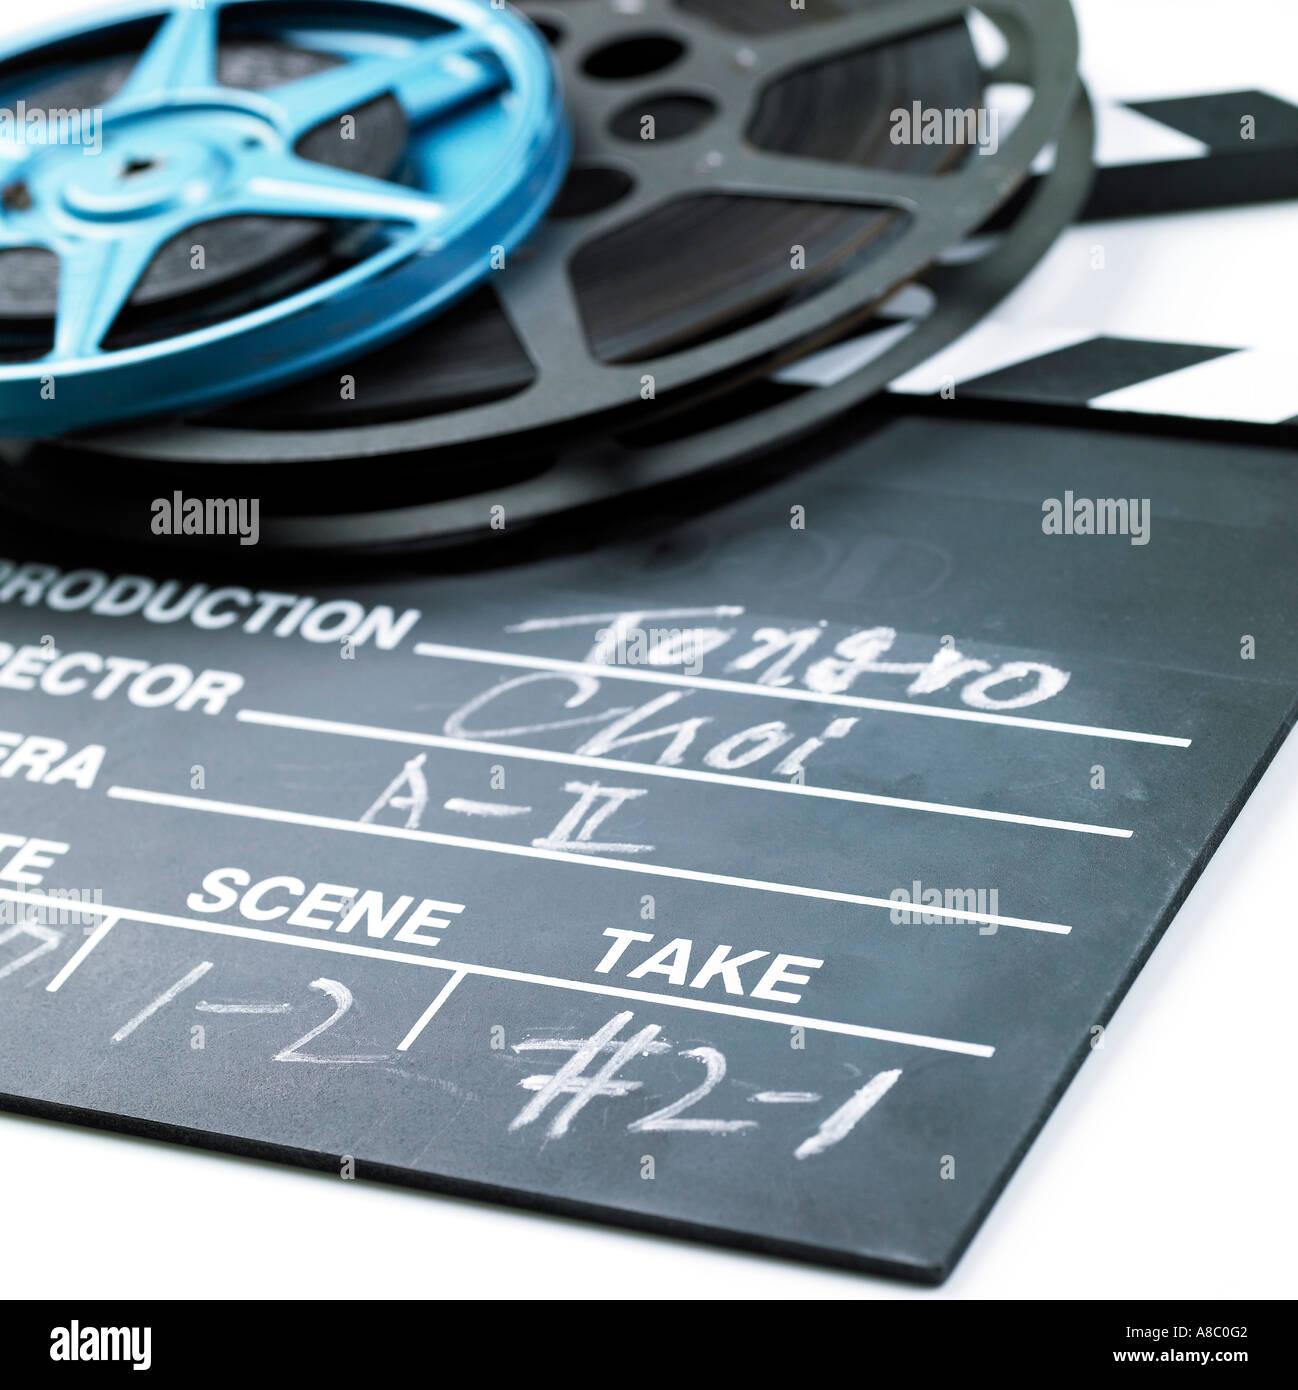 Las películas de imagen y forma de claqueta Imagen De Stock